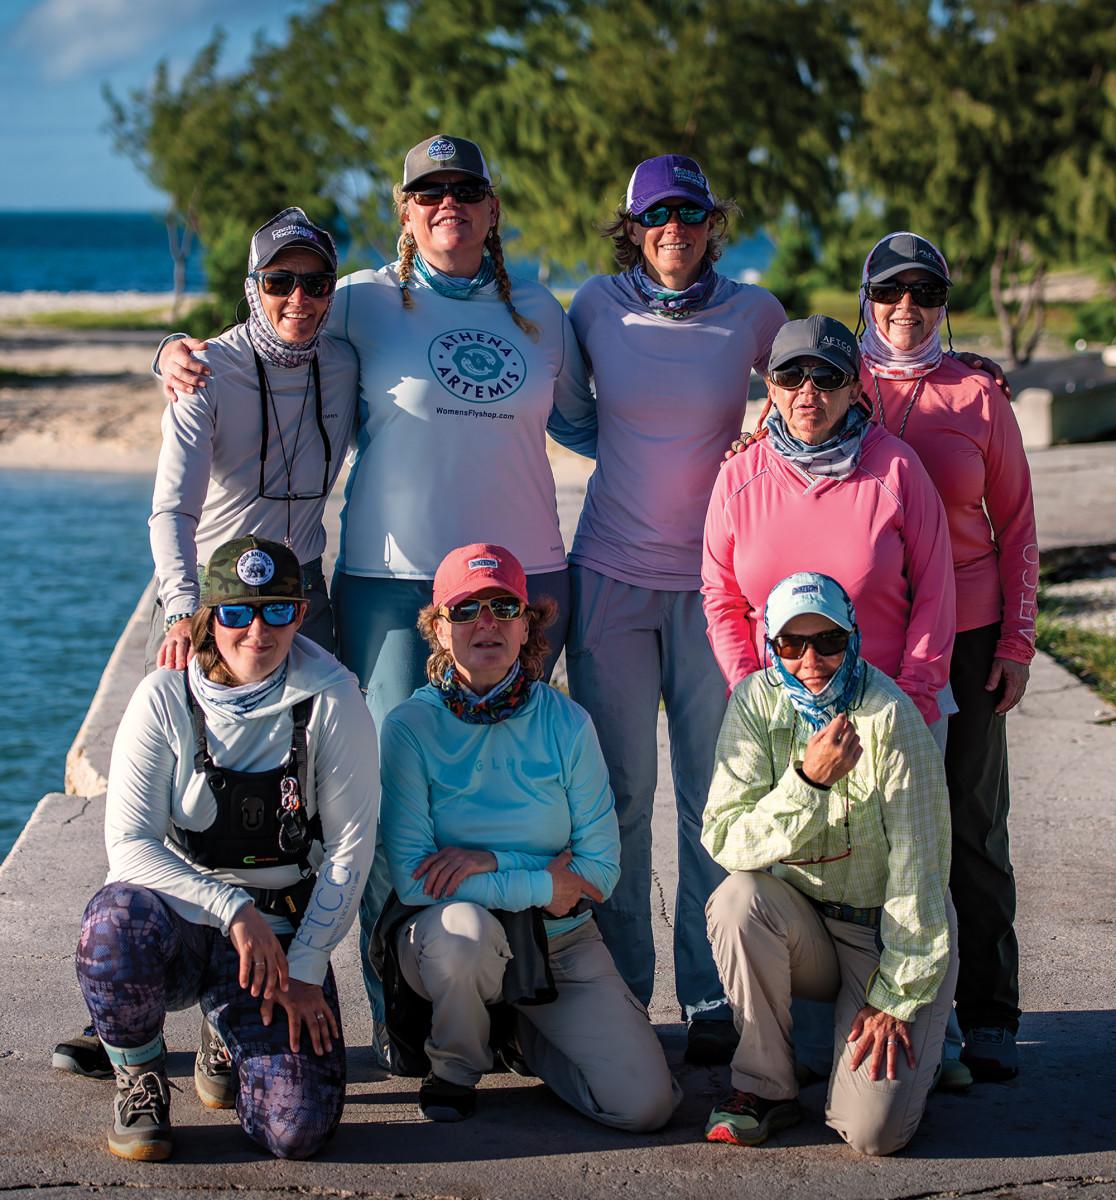 (Clockwise from top left) Jen Lofgren, Geri Meyer, Jenny West, Lynne Boomgaarden, Donna Wichers, Kay DuShane, Peg Miskin, Jessica Haydahl-Richardson.